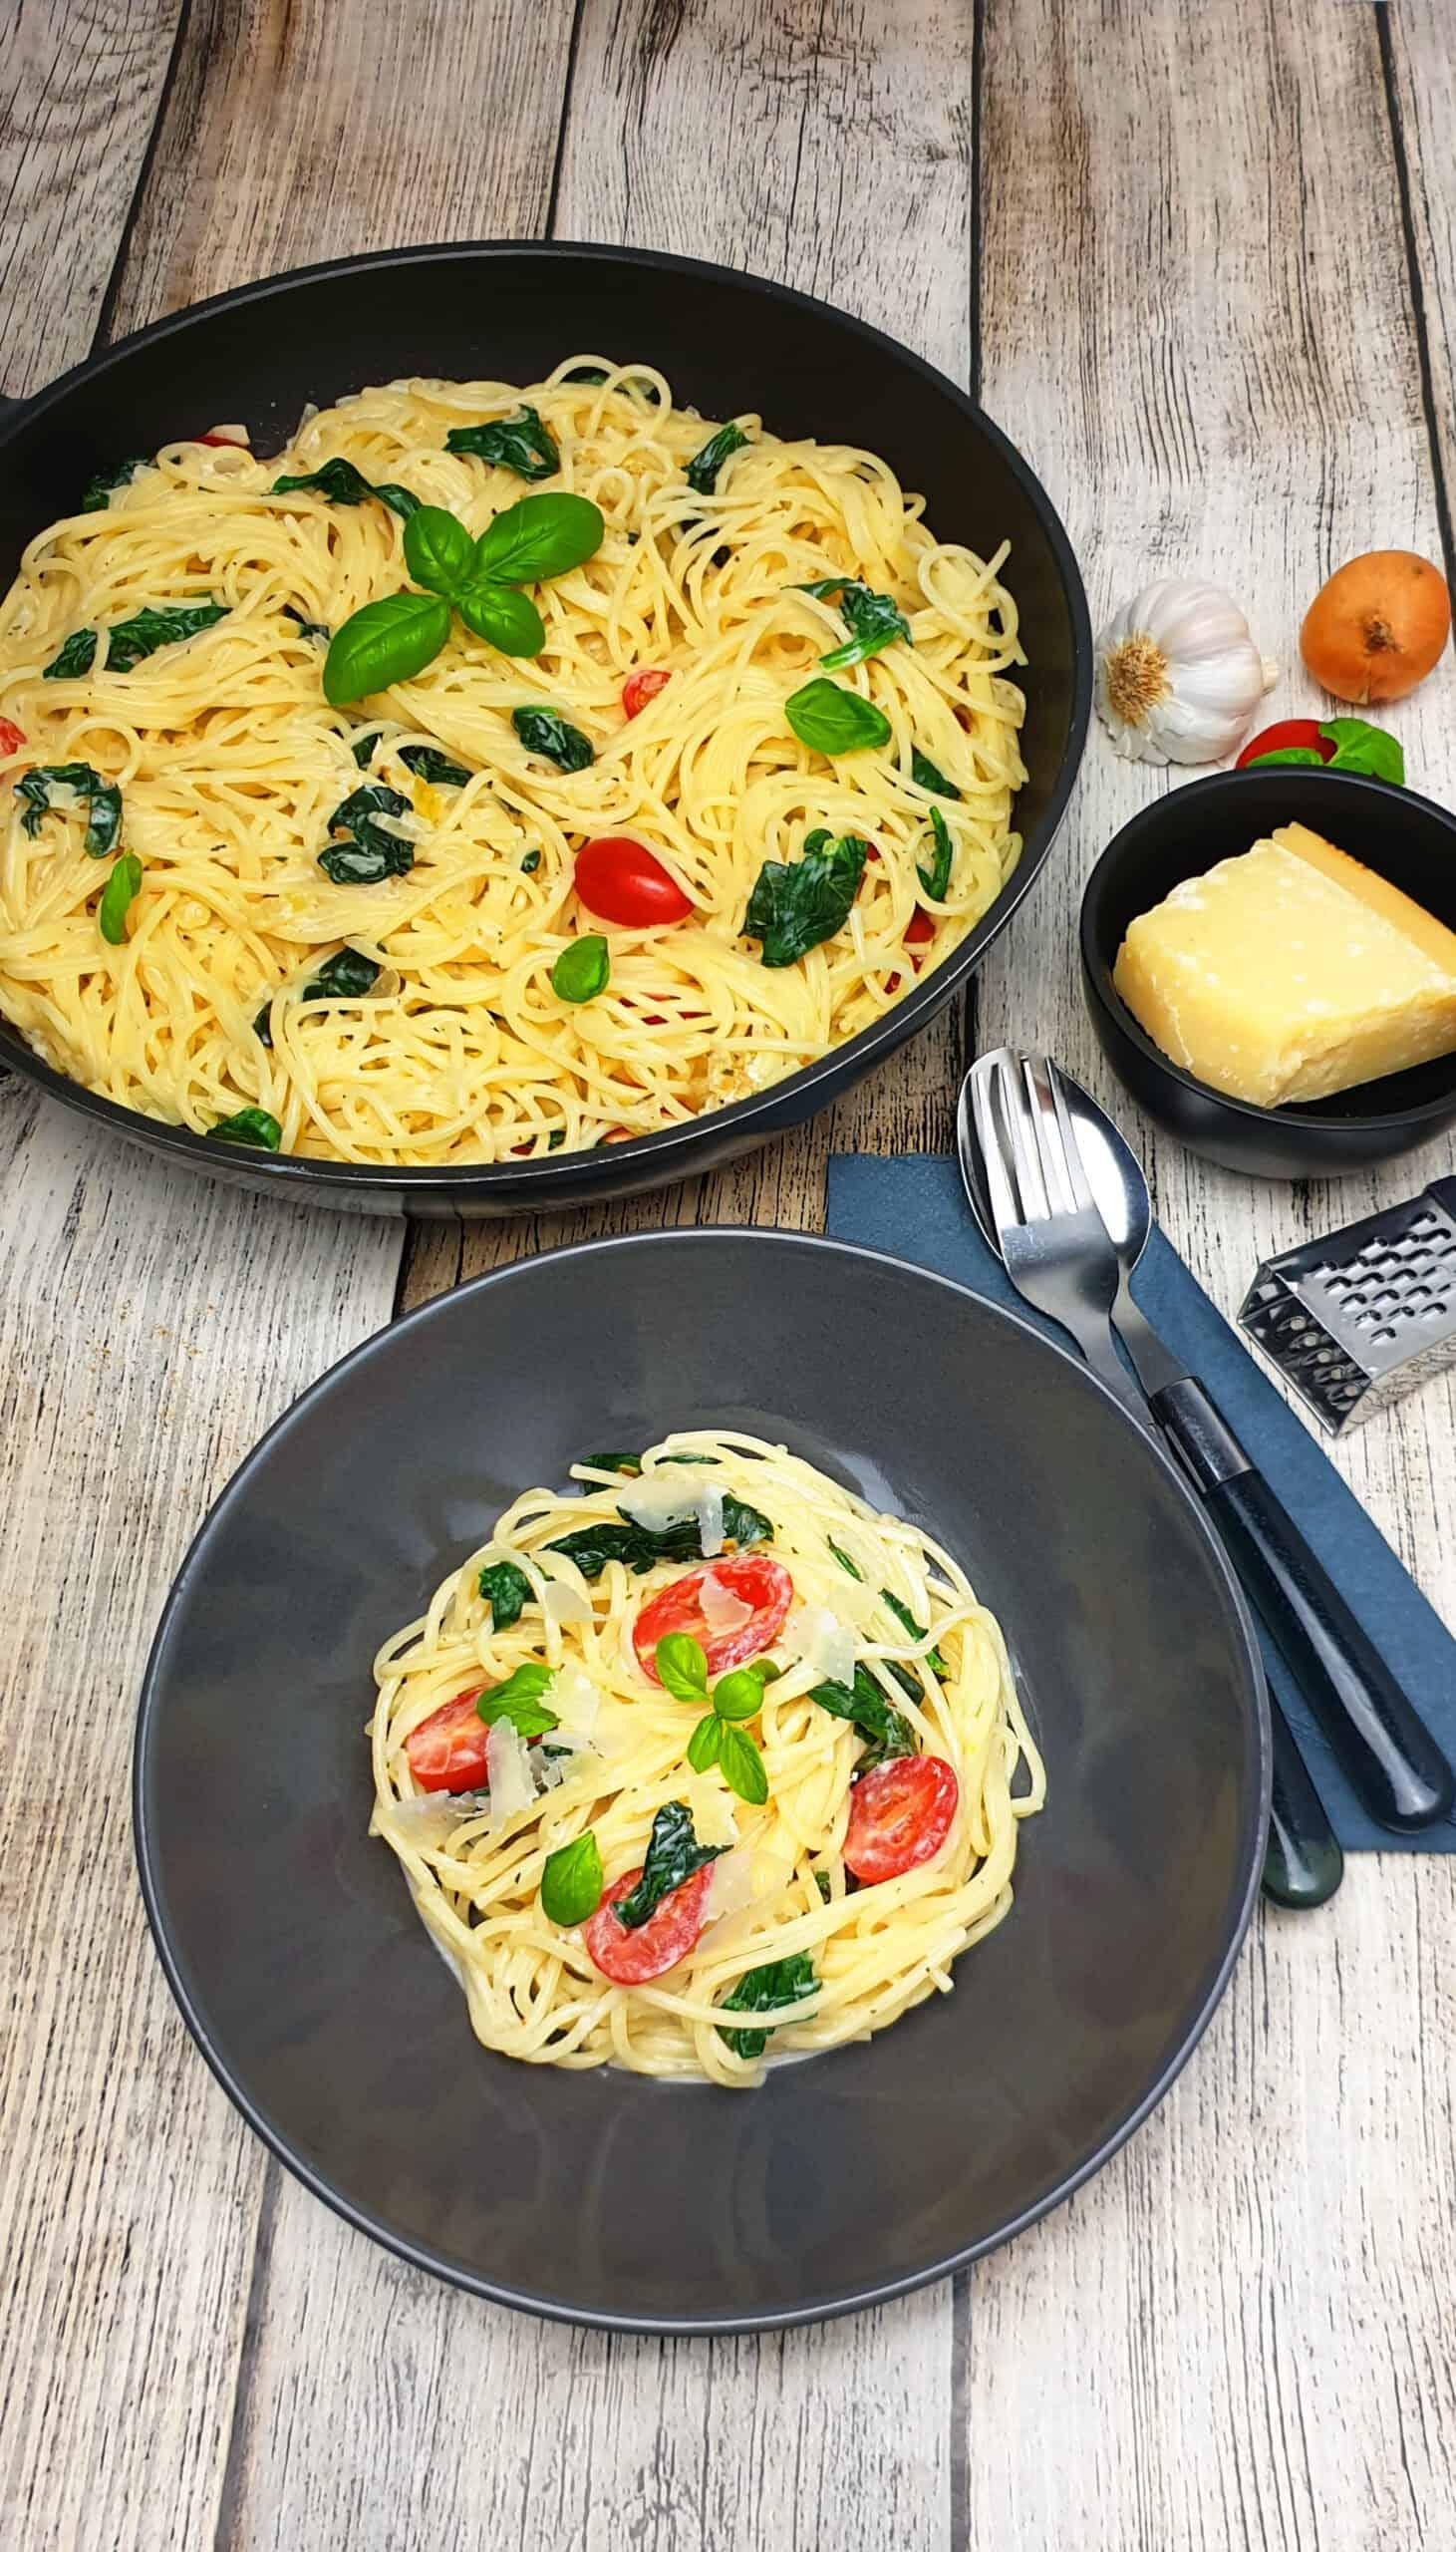 Schnelle Spaghetti-Pfanne angerichtet in einer grauen Schale.